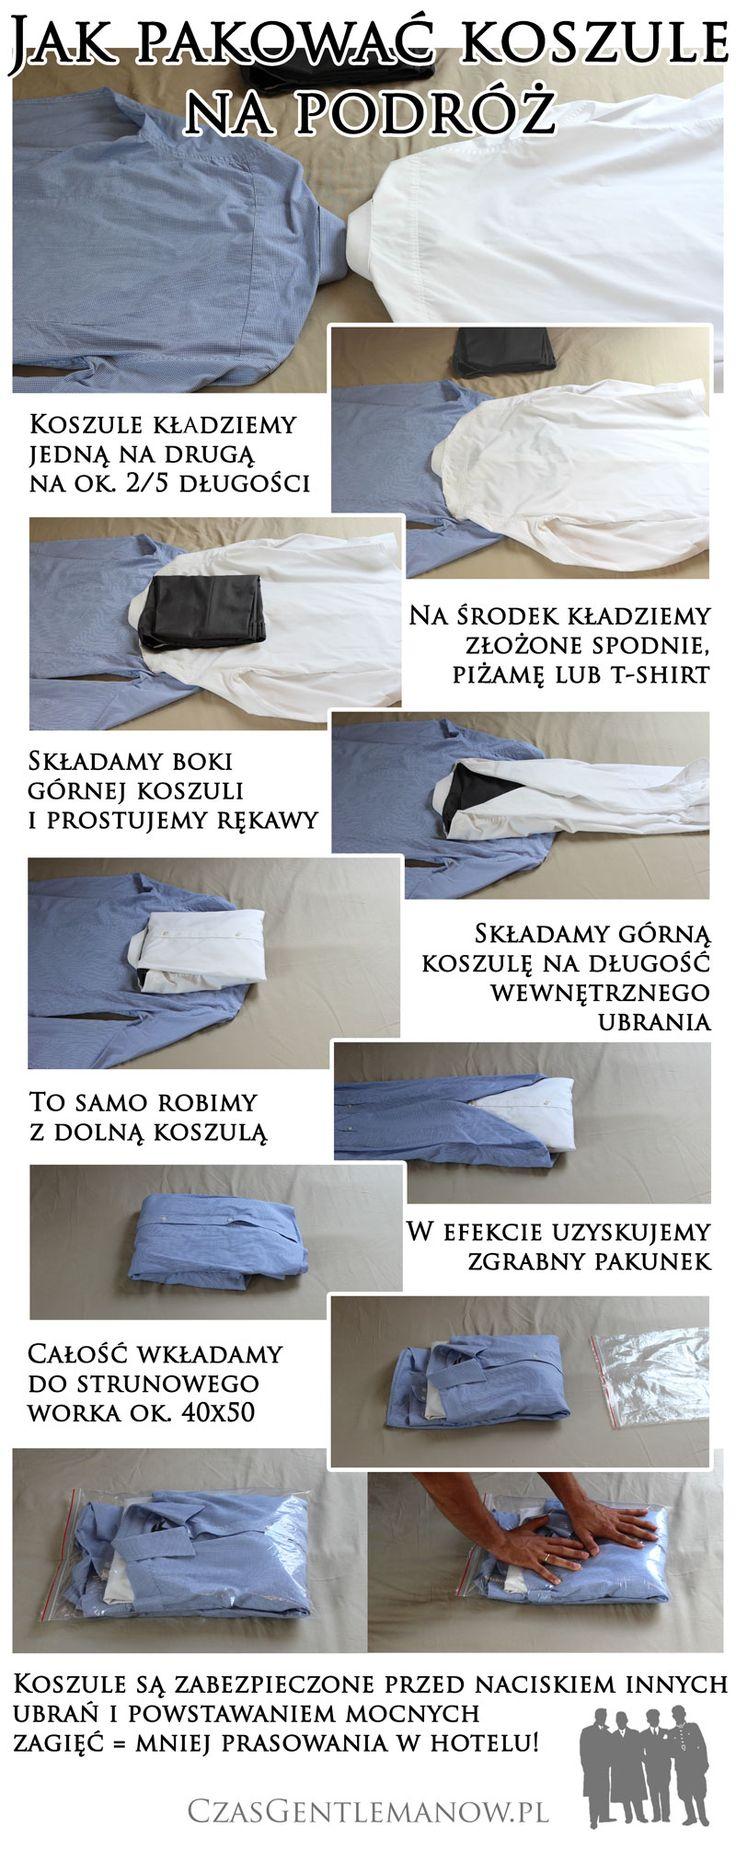 Pakowanie koszuli napodróż - infografika